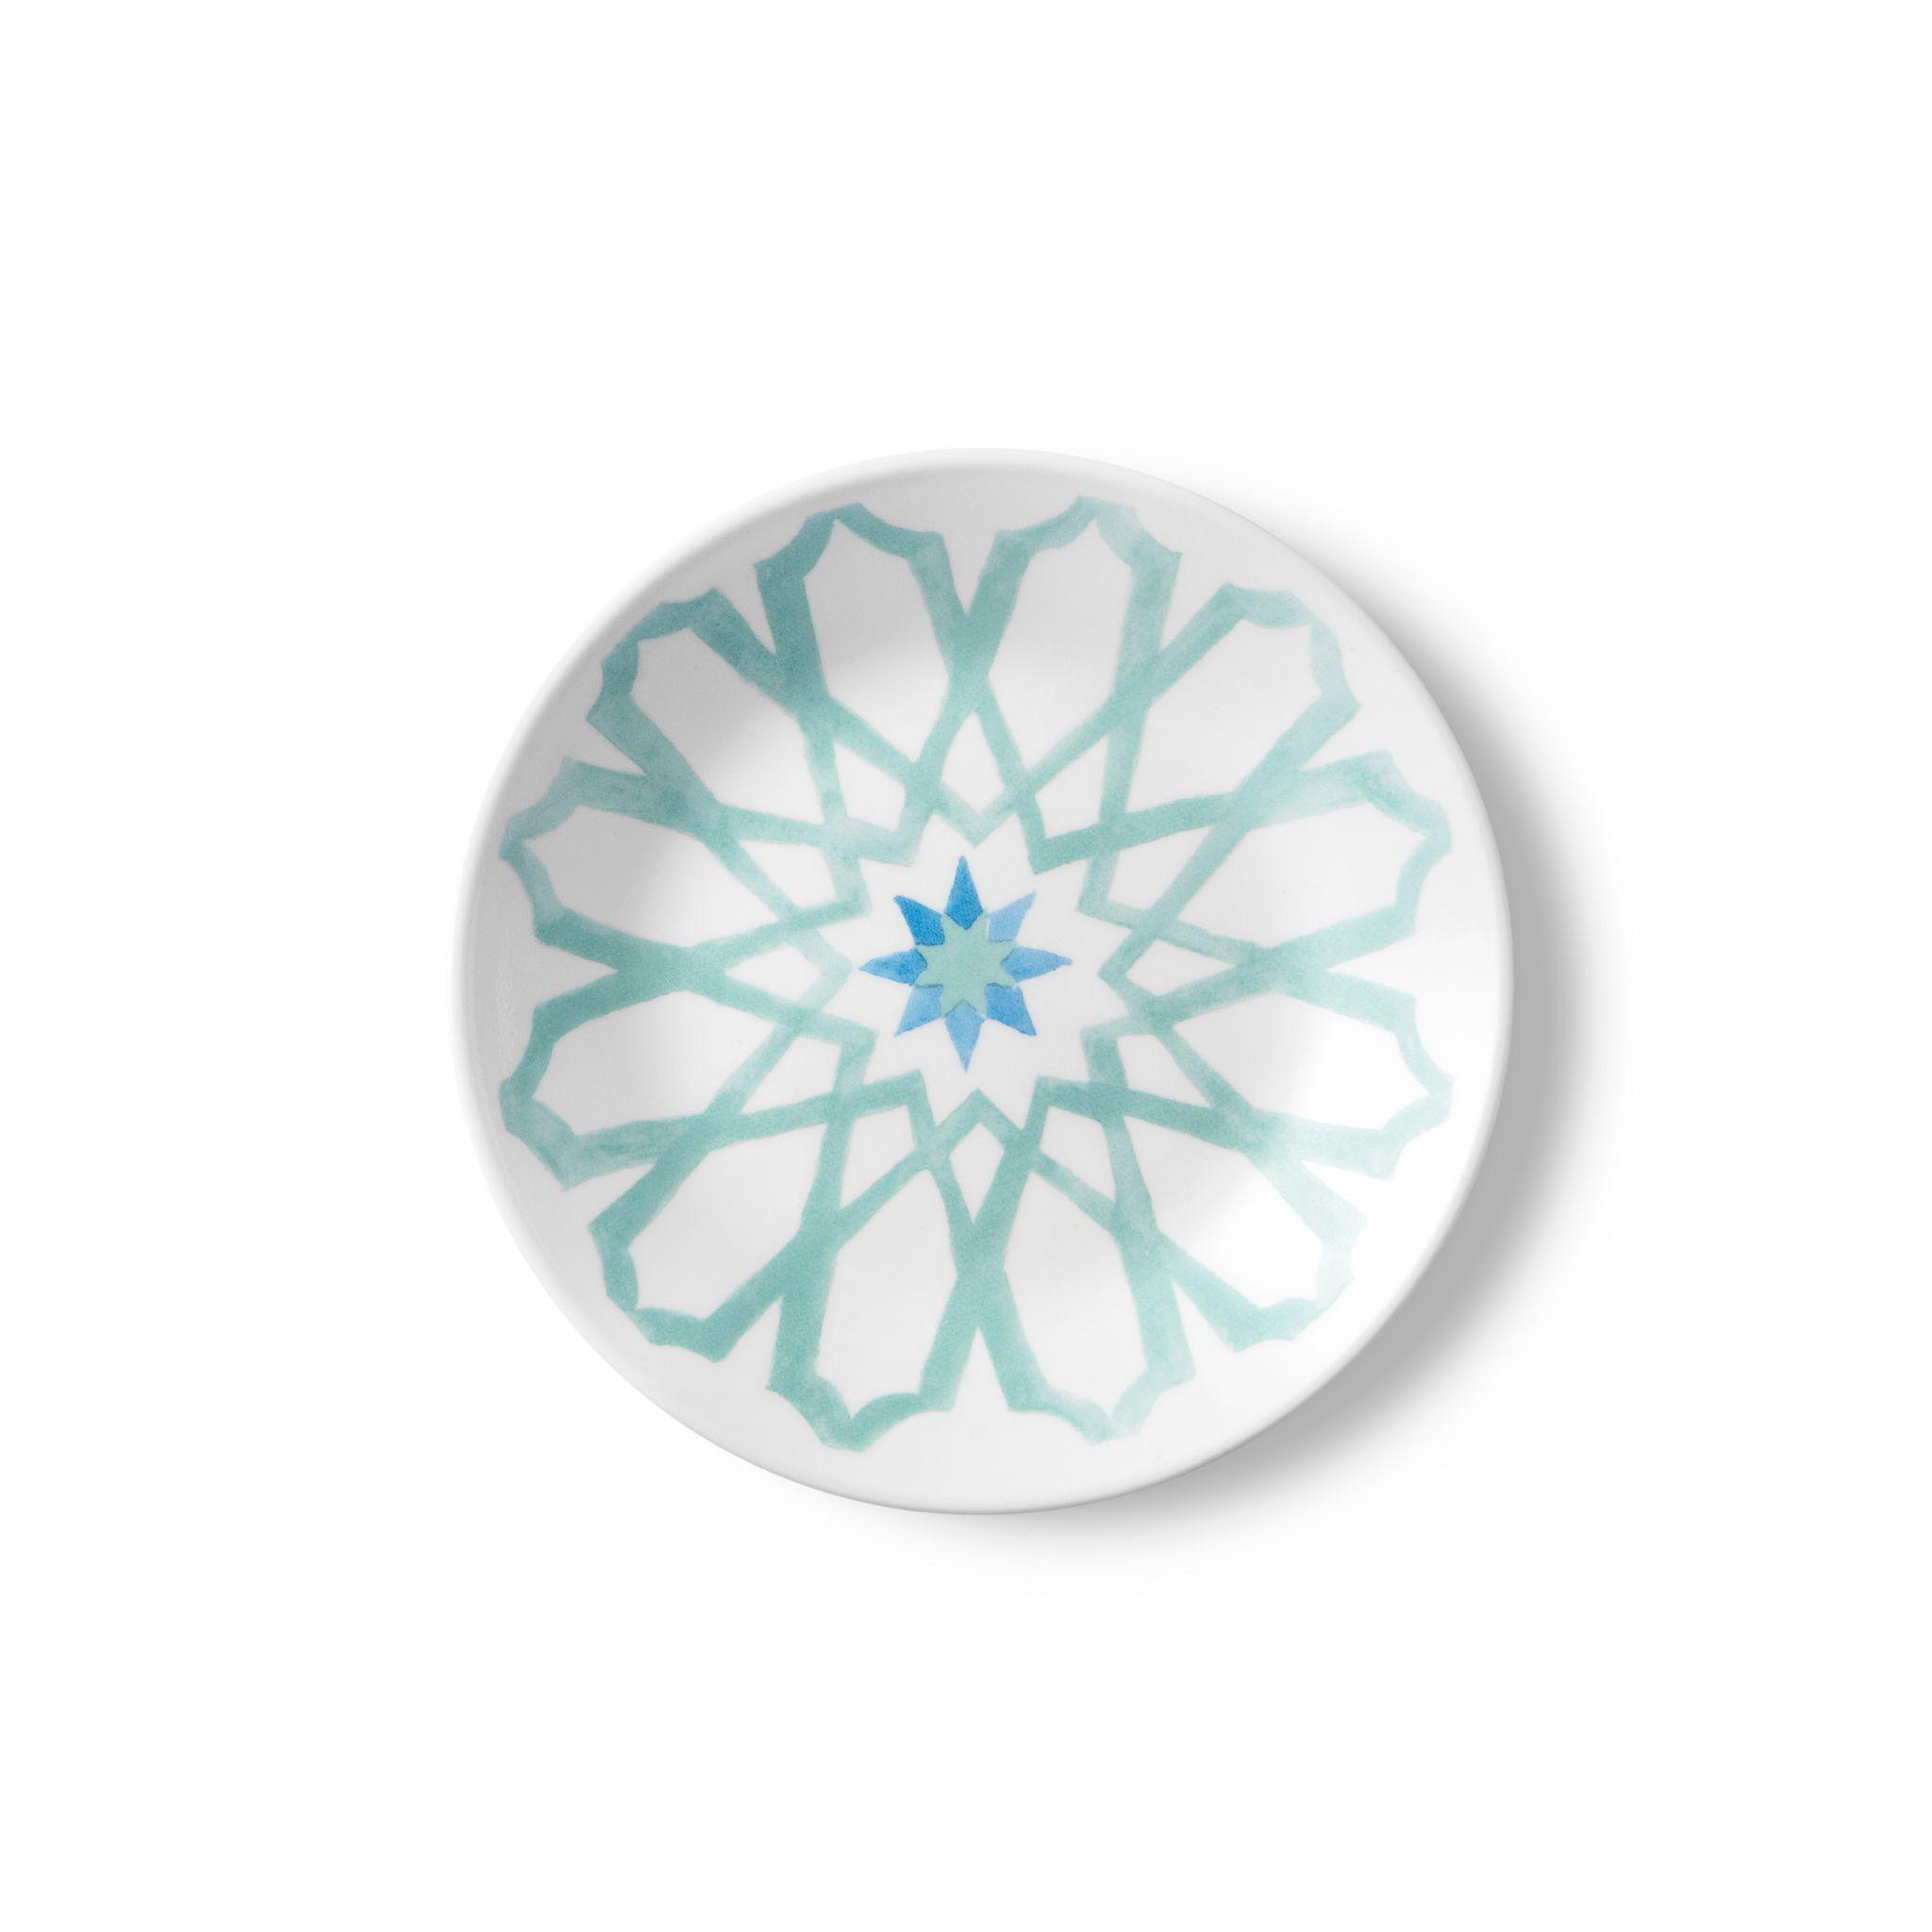 Corelle Amalfi Verde 6.75? Appetizer Plate